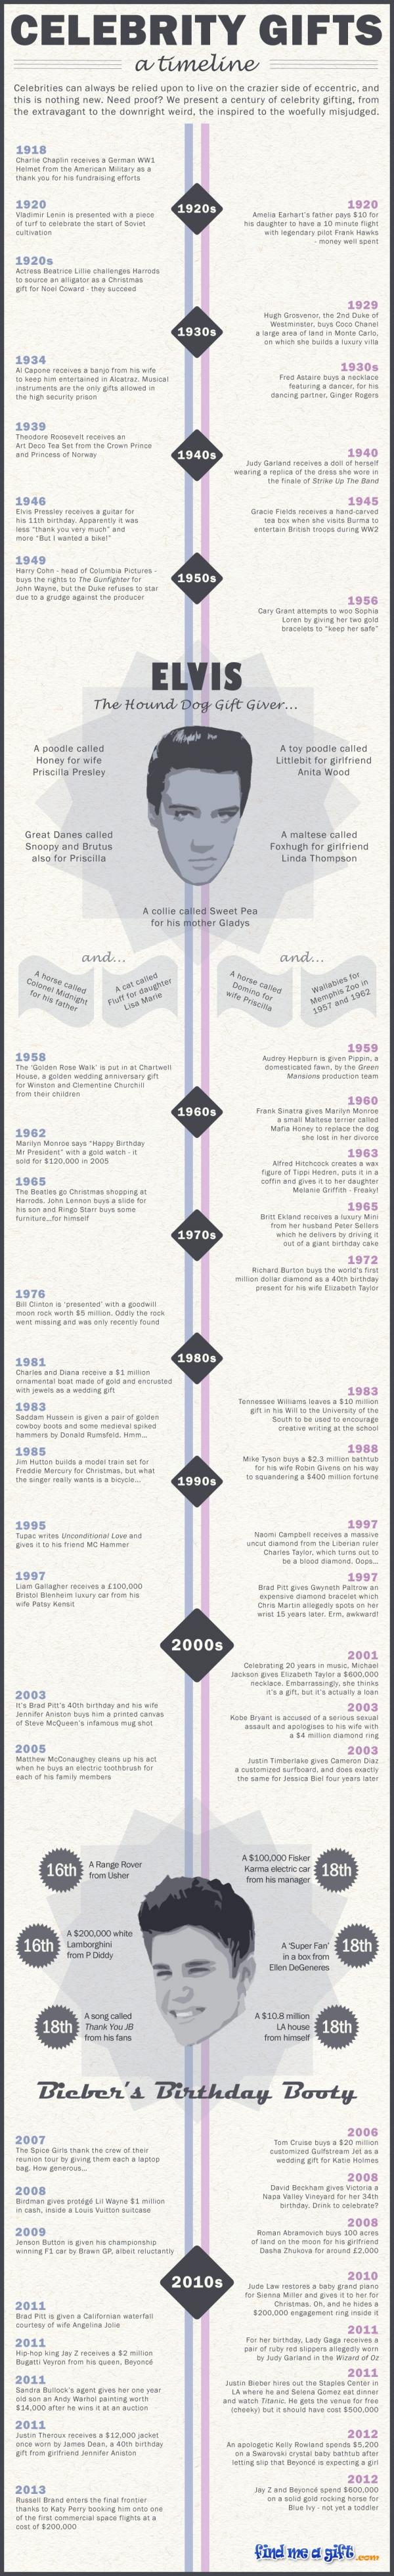 Celebrity Gifts Timeline